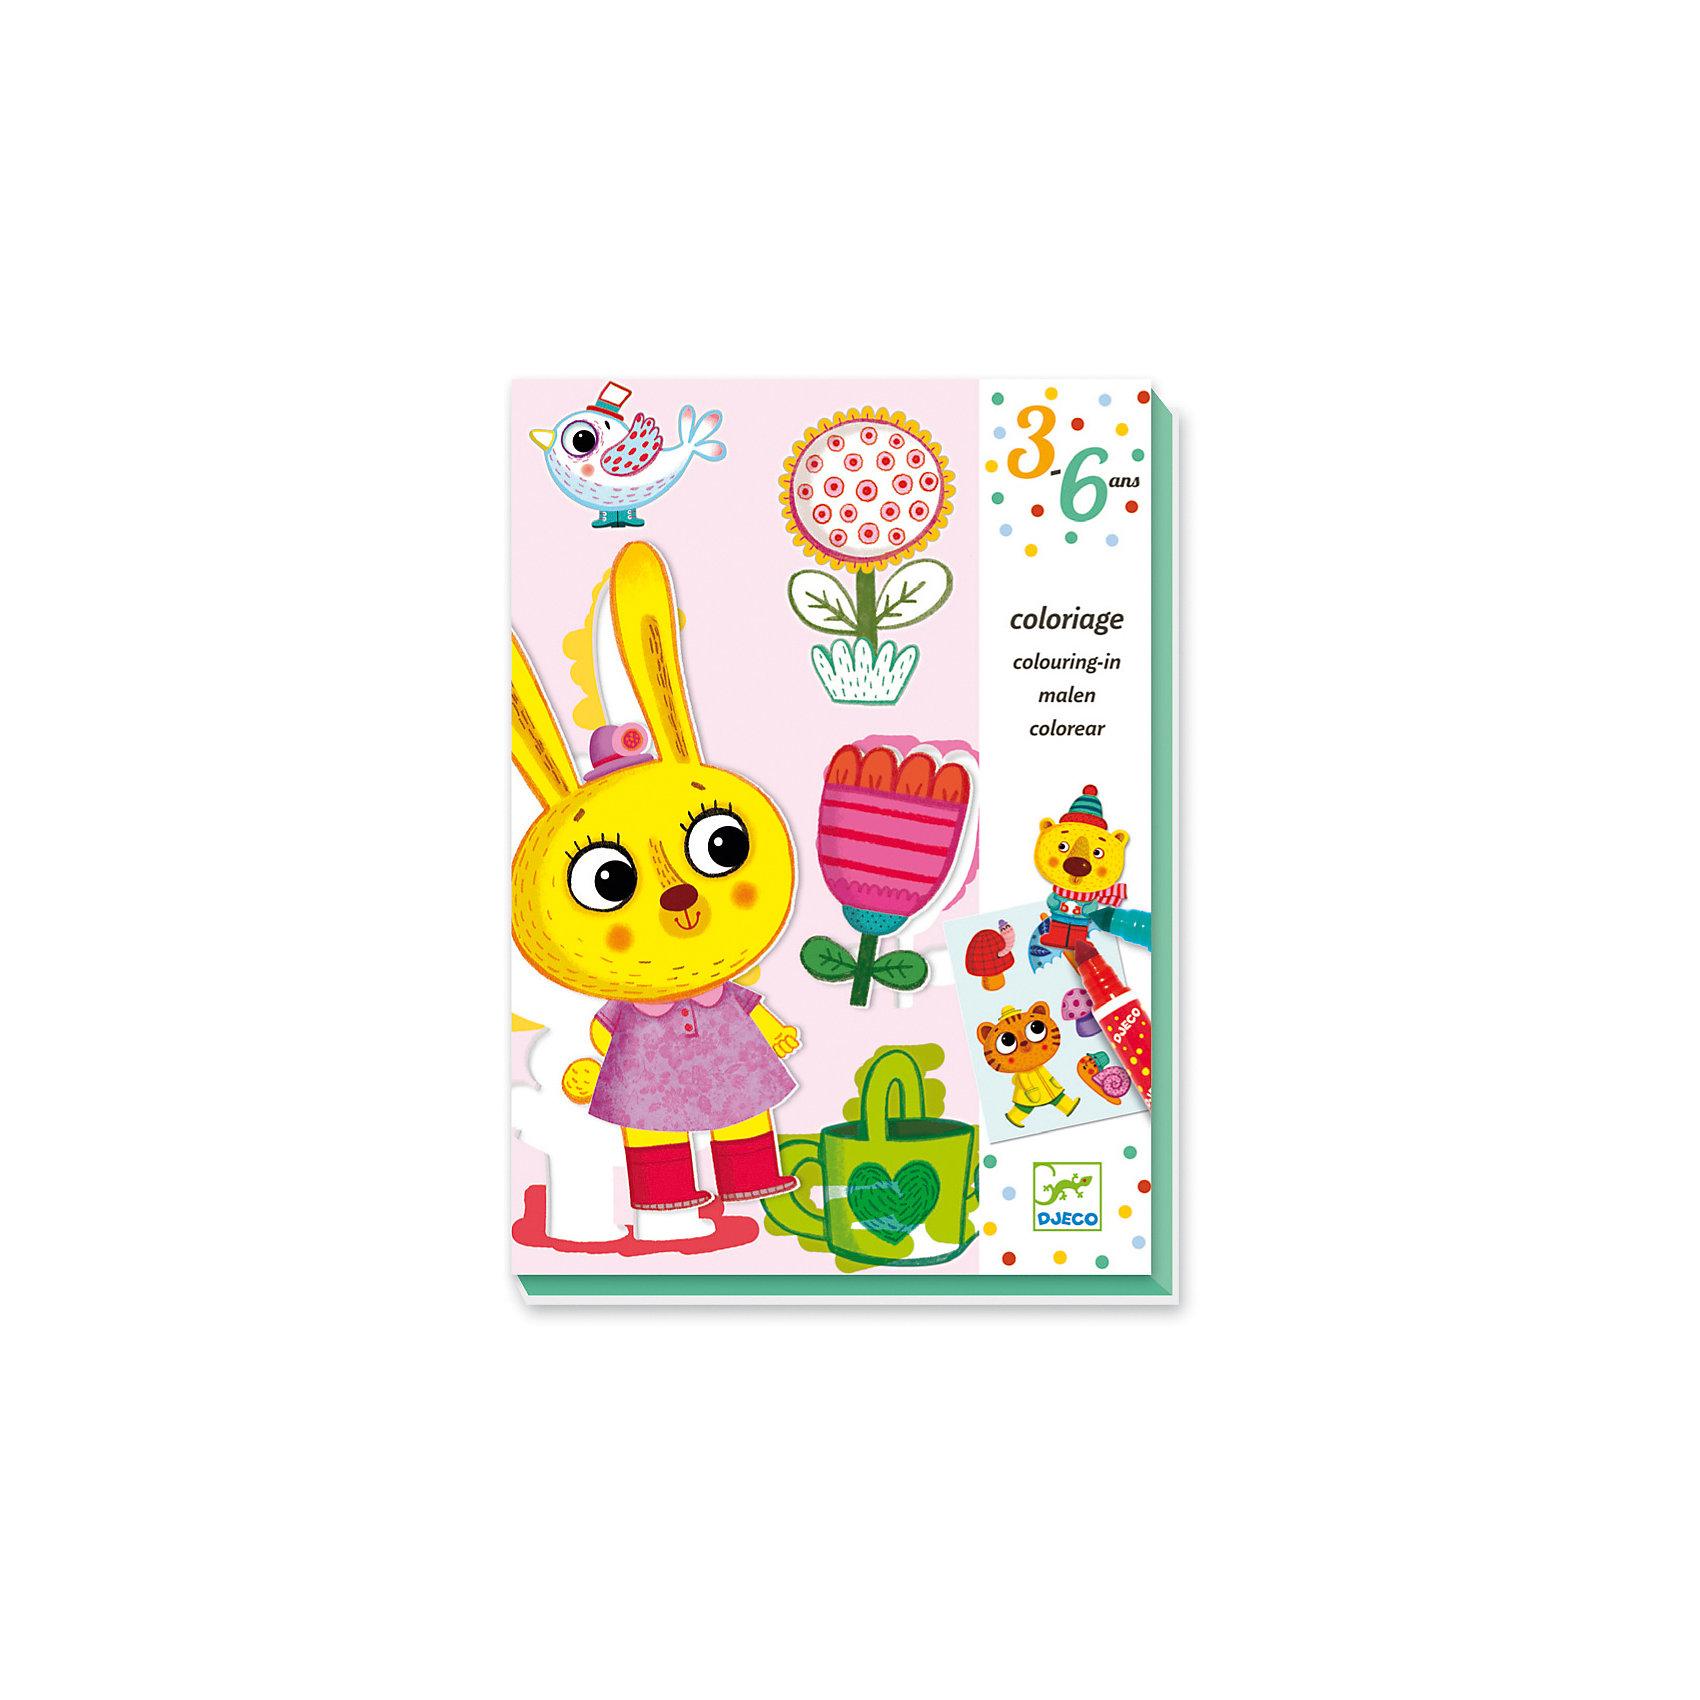 Набор для творчества  для малышей «Времена года»Набор для творчества  для малышей «Времена года» – этот набор для раскрашивания с дружелюбными зверушками обязательно заинтересуют малыша.<br>«Времена года» - это яркий творческий набор для самых маленьких от французской компании Djeco (Джеко). Ваш ребенок с огромным удовольствием будет разрисовывать цветными фломастерами картинки с изображениями смешных животных в разных временах года. Затем рисунки можно вырезать и поиграть с ними, или сделать из них аппликацию. Набор для творчества способствует развитию художественных навыков, чувства прекрасного, мелкой моторики и аккуратности.<br><br>Дополнительная информация:<br><br>- В наборе: 6 карточек для раскрашивания с выдавливаемыми картинками (15 х 21 см), 4 двусторонних фломастера, пошаговая инструкция<br>- Материал: картон<br>- Размер упаковки: 23 х 17 х 4 см.<br>- Вес: 410 гр.<br><br>Набор для творчества для малышей «Времена года» можно купить в нашем интернет-магазине.<br><br>Ширина мм: 230<br>Глубина мм: 170<br>Высота мм: 40<br>Вес г: 410<br>Возраст от месяцев: 36<br>Возраст до месяцев: 72<br>Пол: Унисекс<br>Возраст: Детский<br>SKU: 4305790